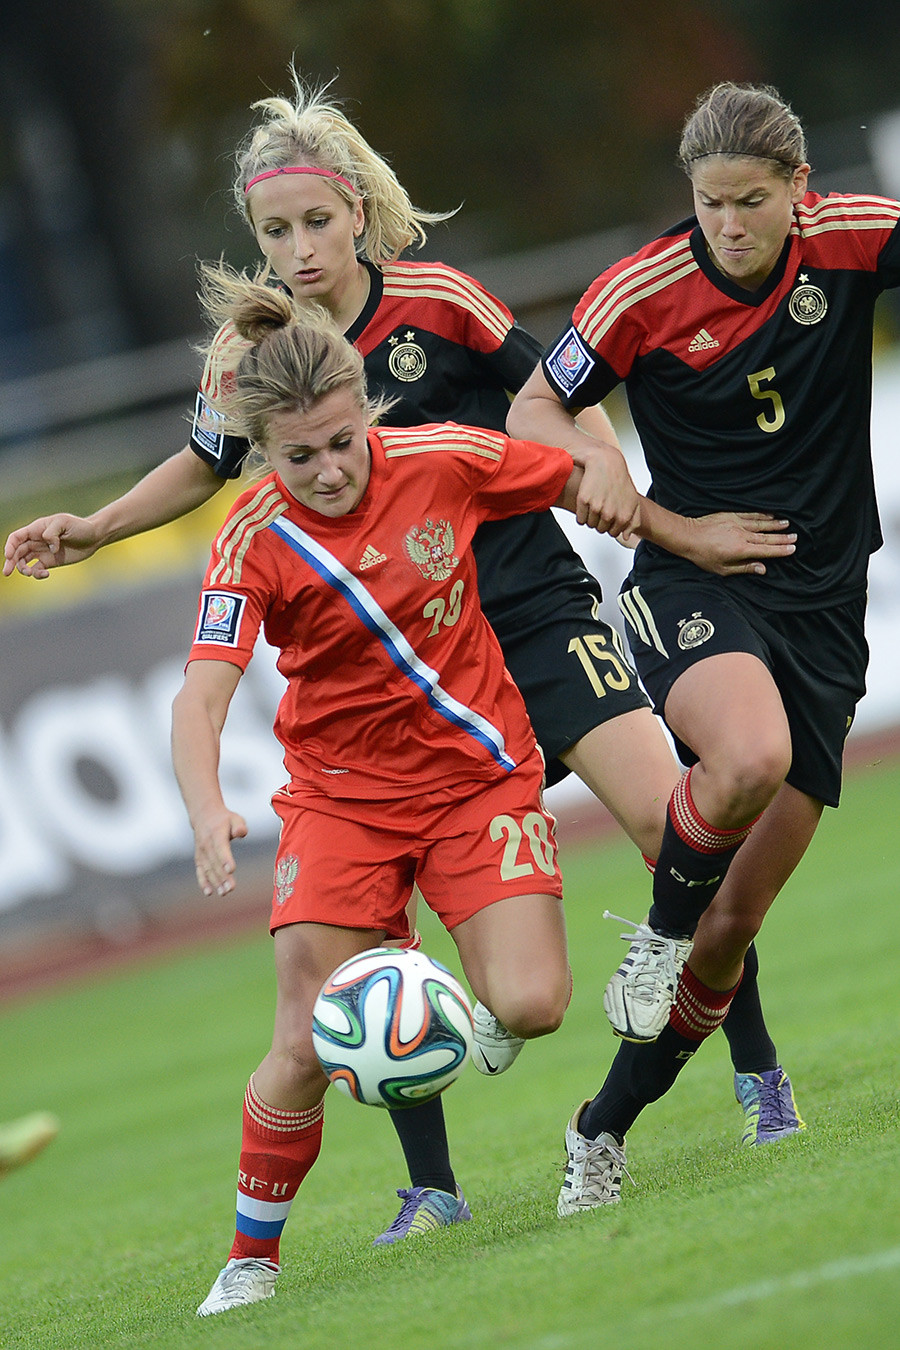 Nelli Koróvkina (a la izquierda) durante el torneo de clasificación para la Copa Mundial Femenina de Fútbol de 2015.